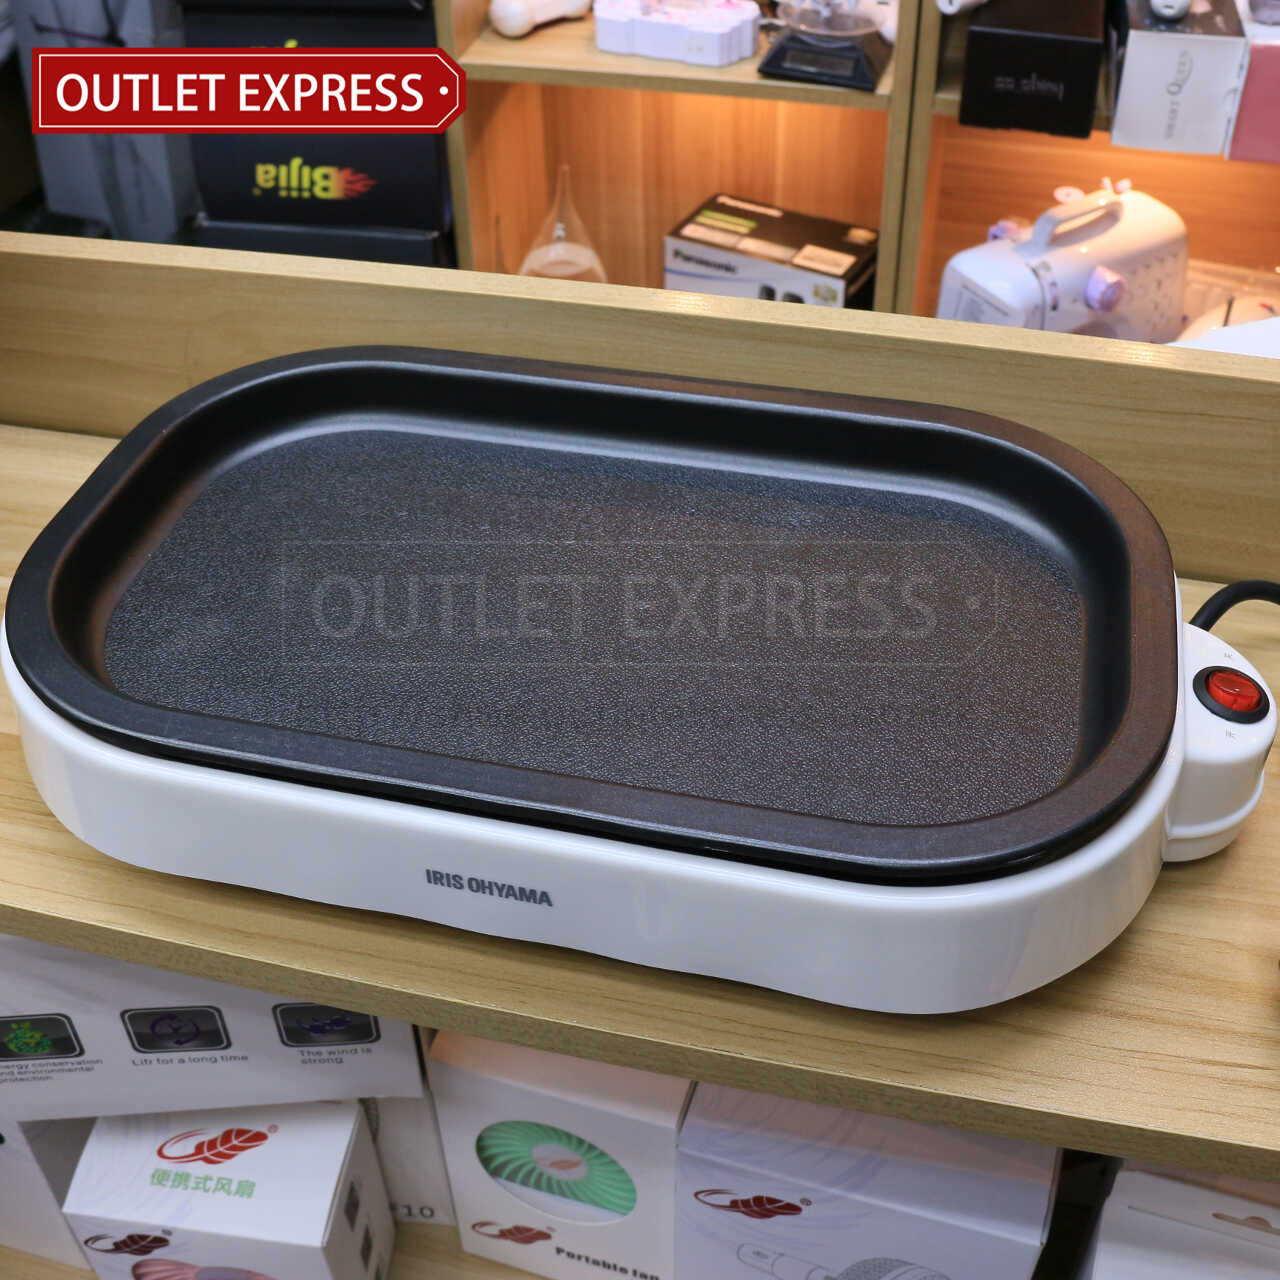 日本IRIS ITY-24W -W 章魚燒電煎板 | 燒肉烤盤  燒肉用烤盤- Outlet Express HK生活百貨城